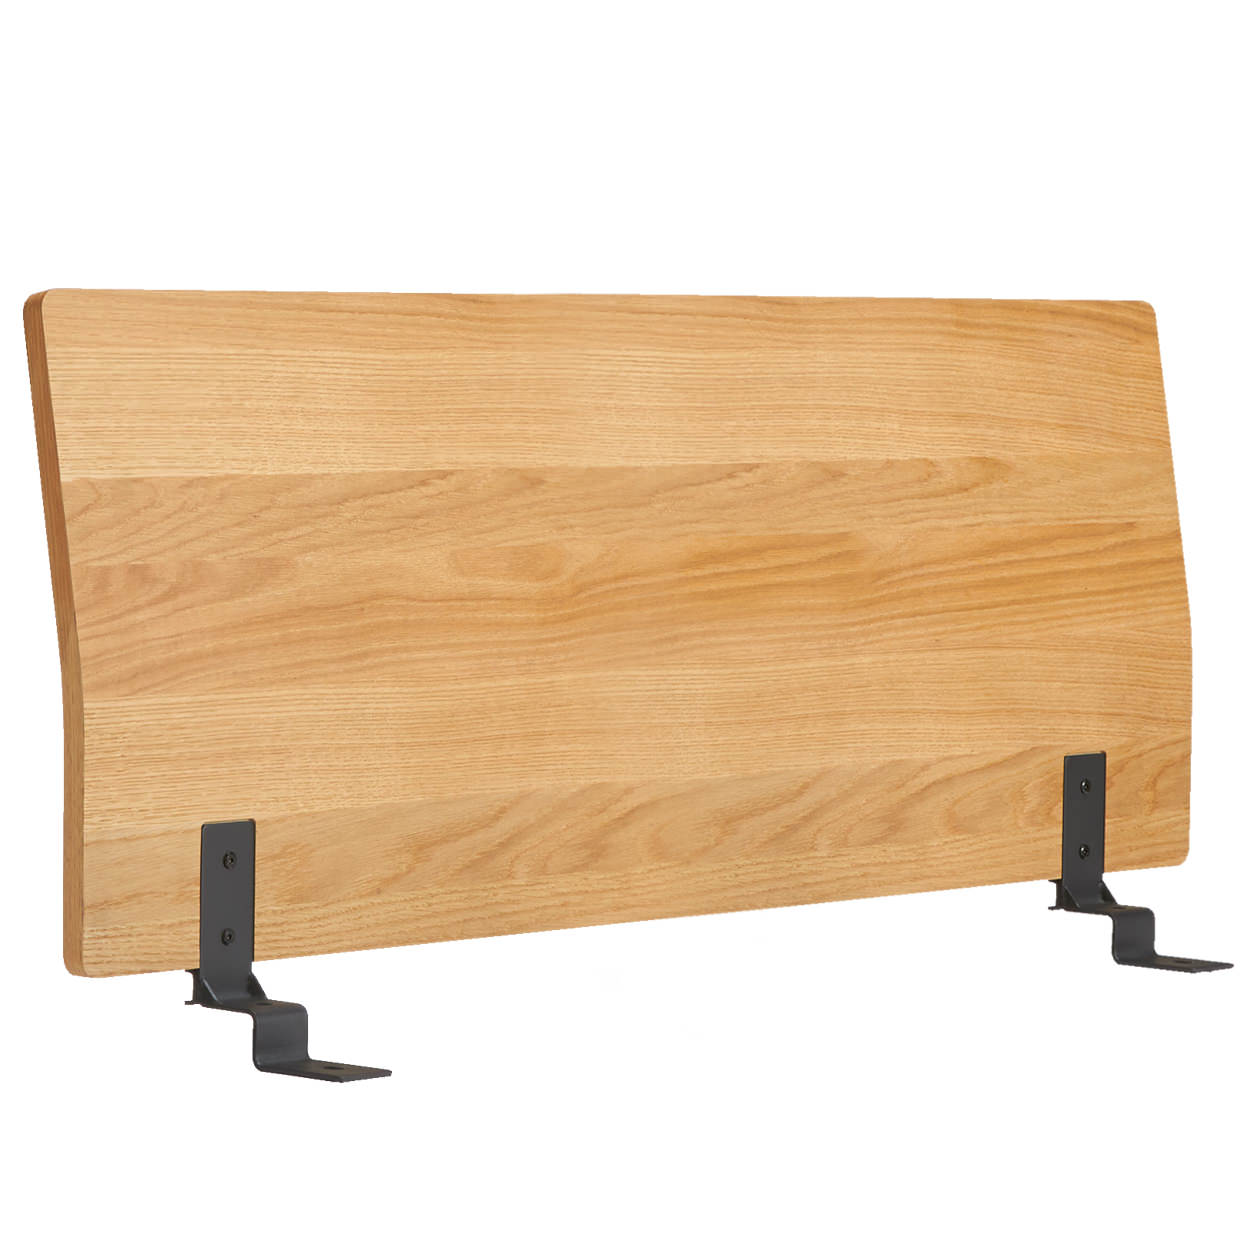 可应用於木制床架的床头板